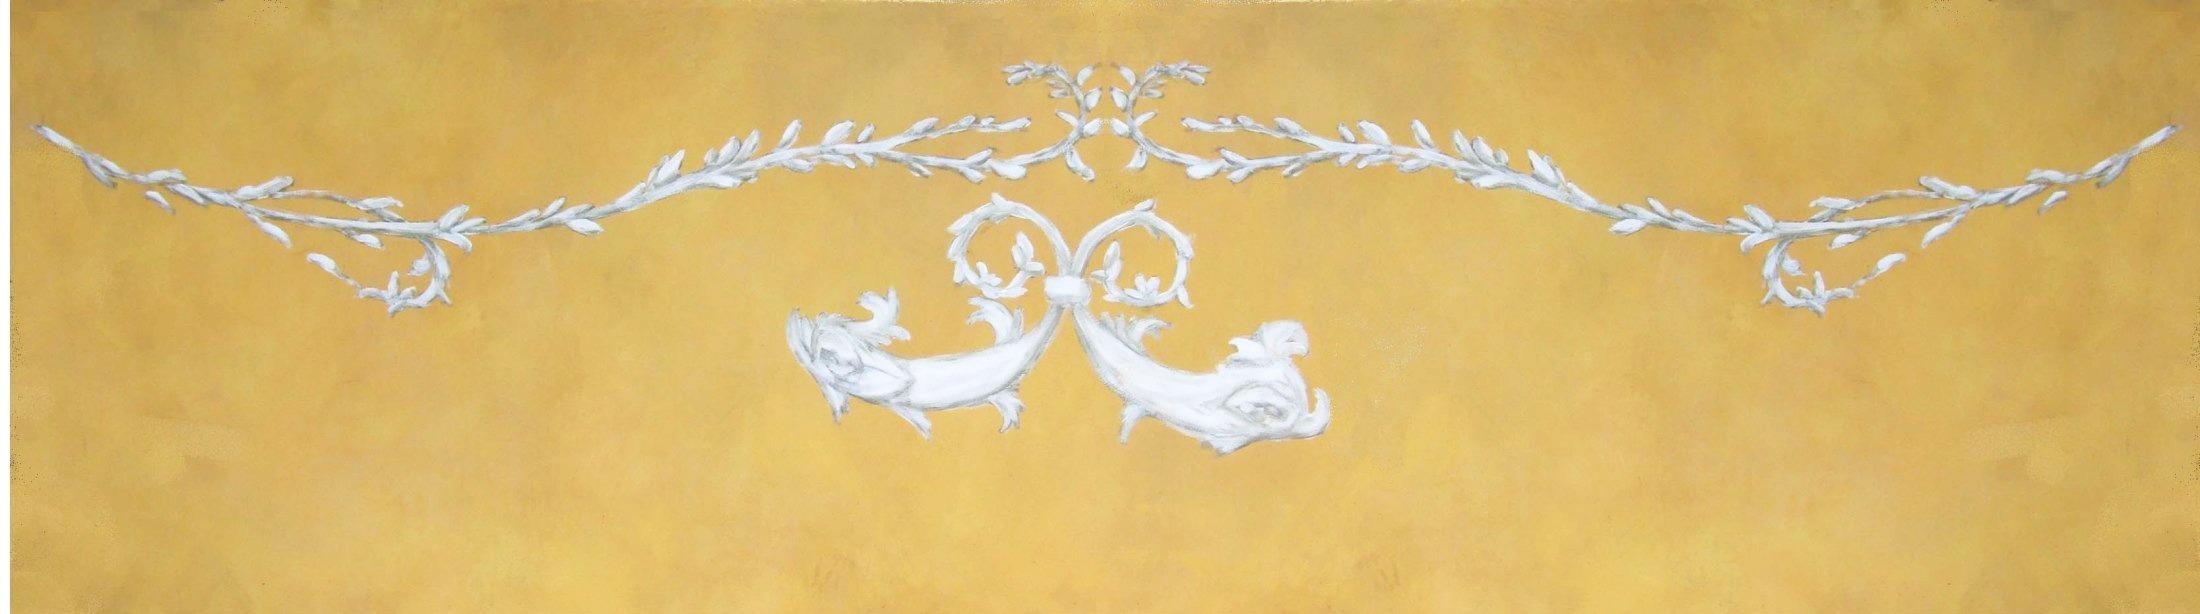 Frescoe Pontoon / Fresque Ponton